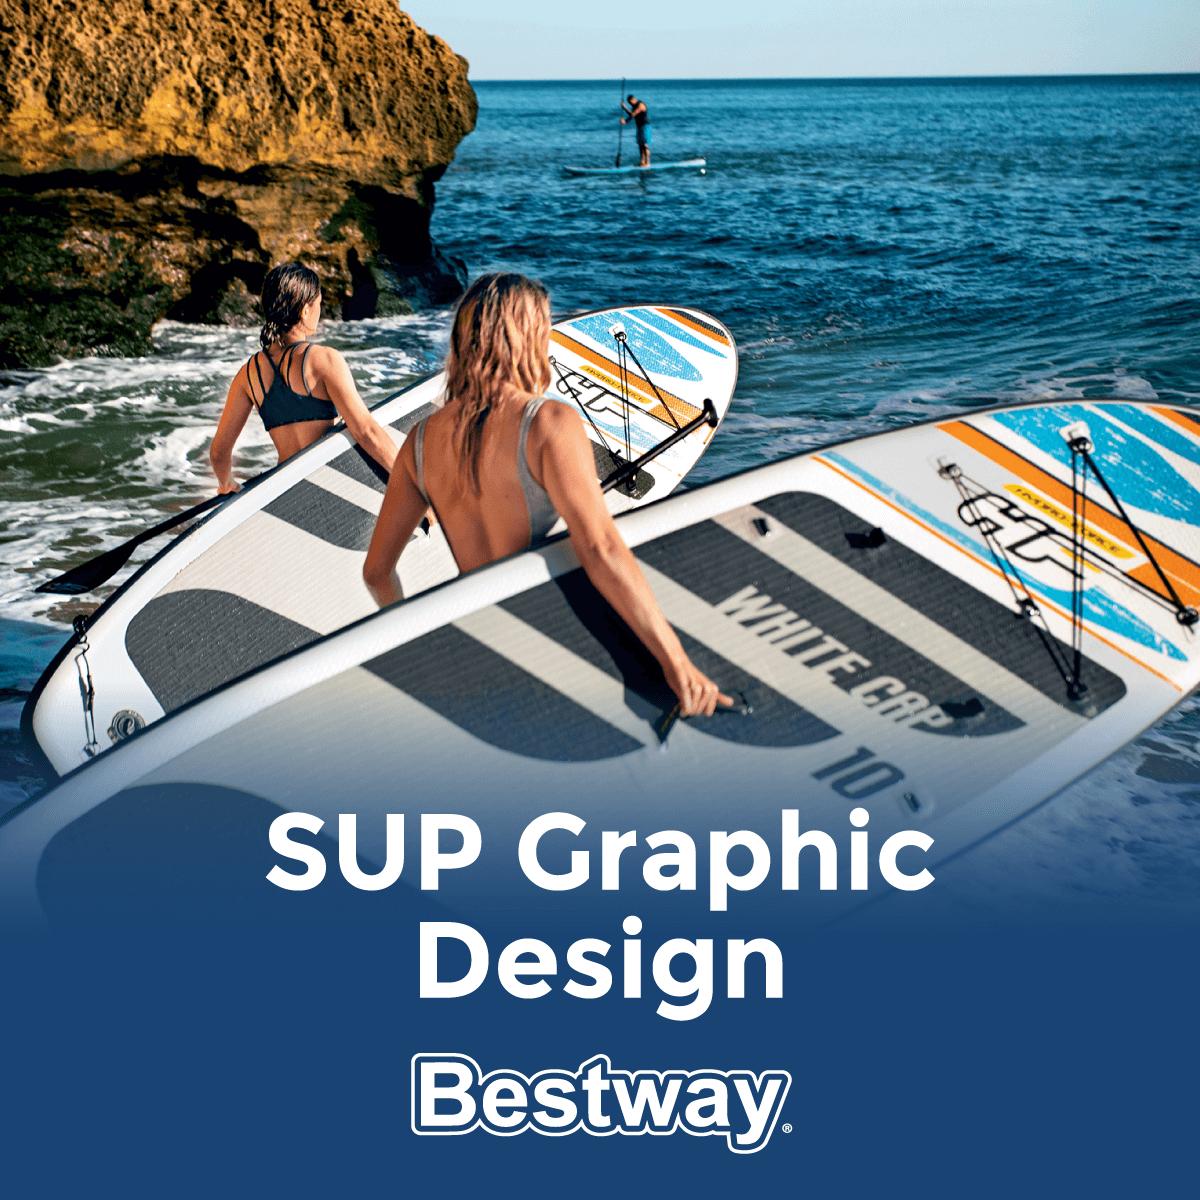 SUP graphic design